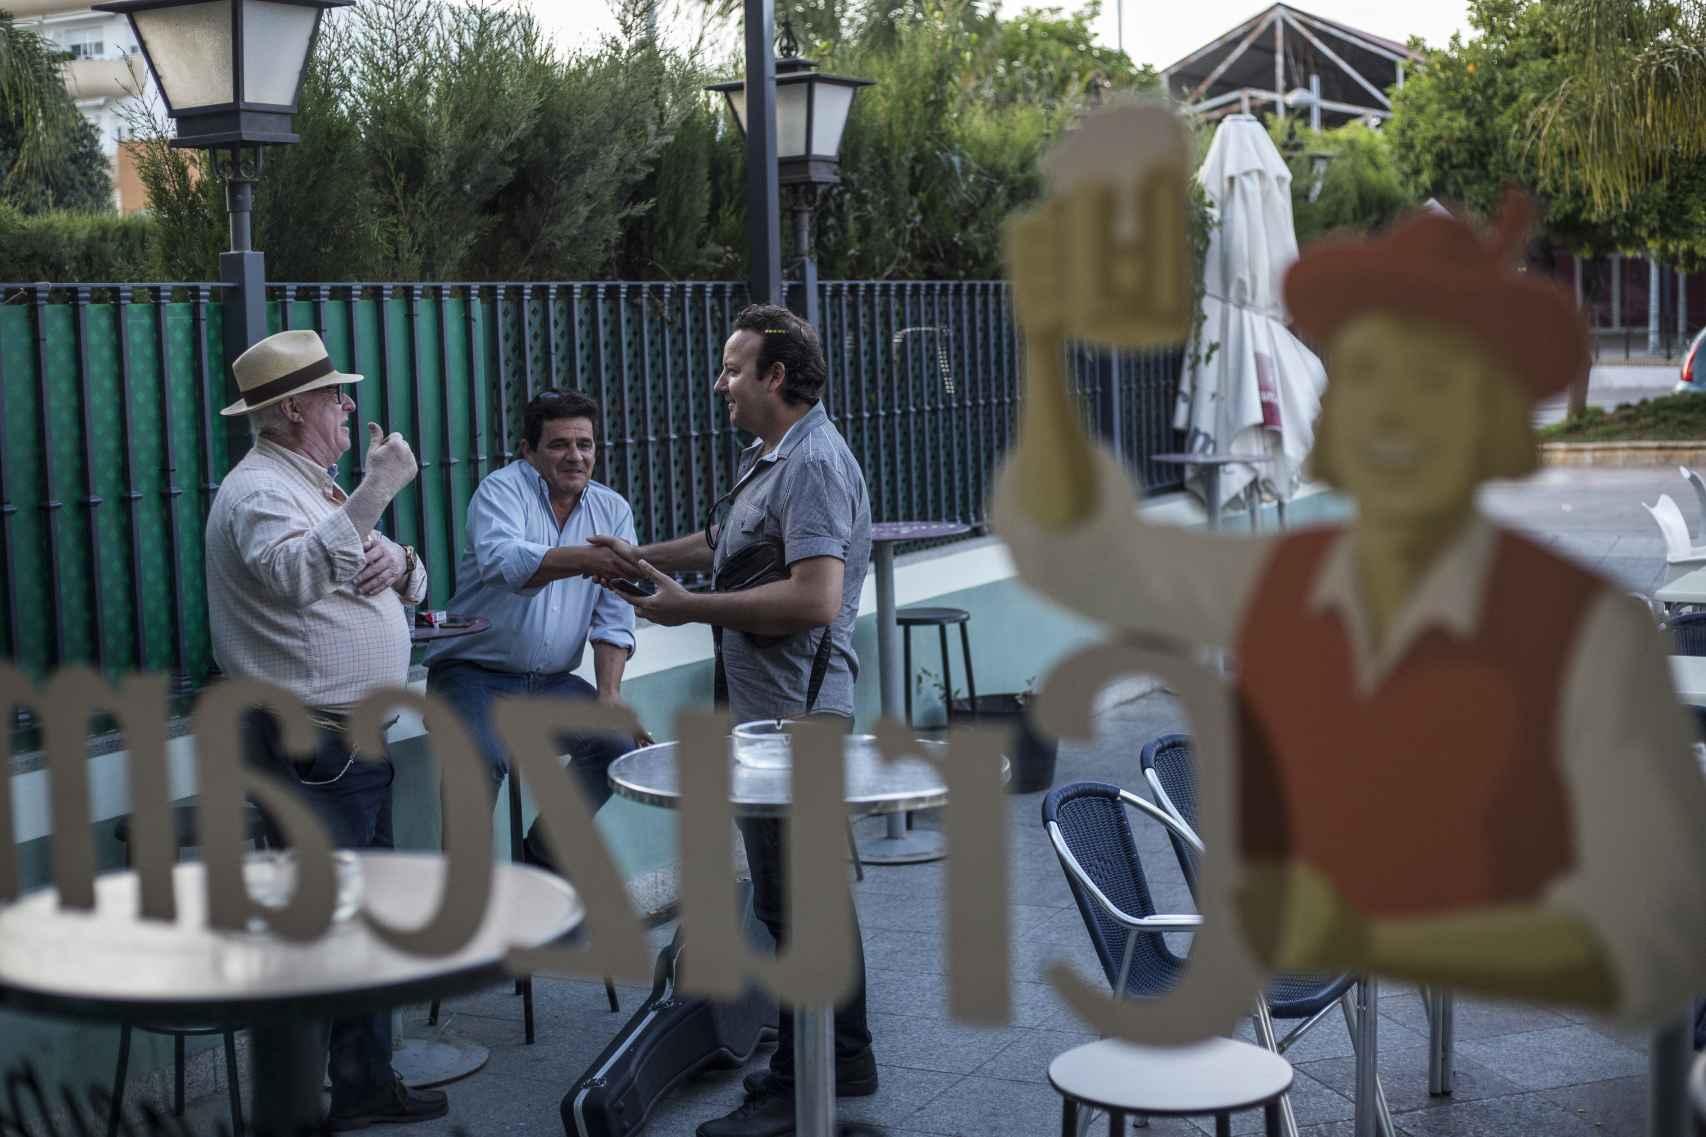 El Pico de Morón saludando a unos vecinos a la salida de un bar.